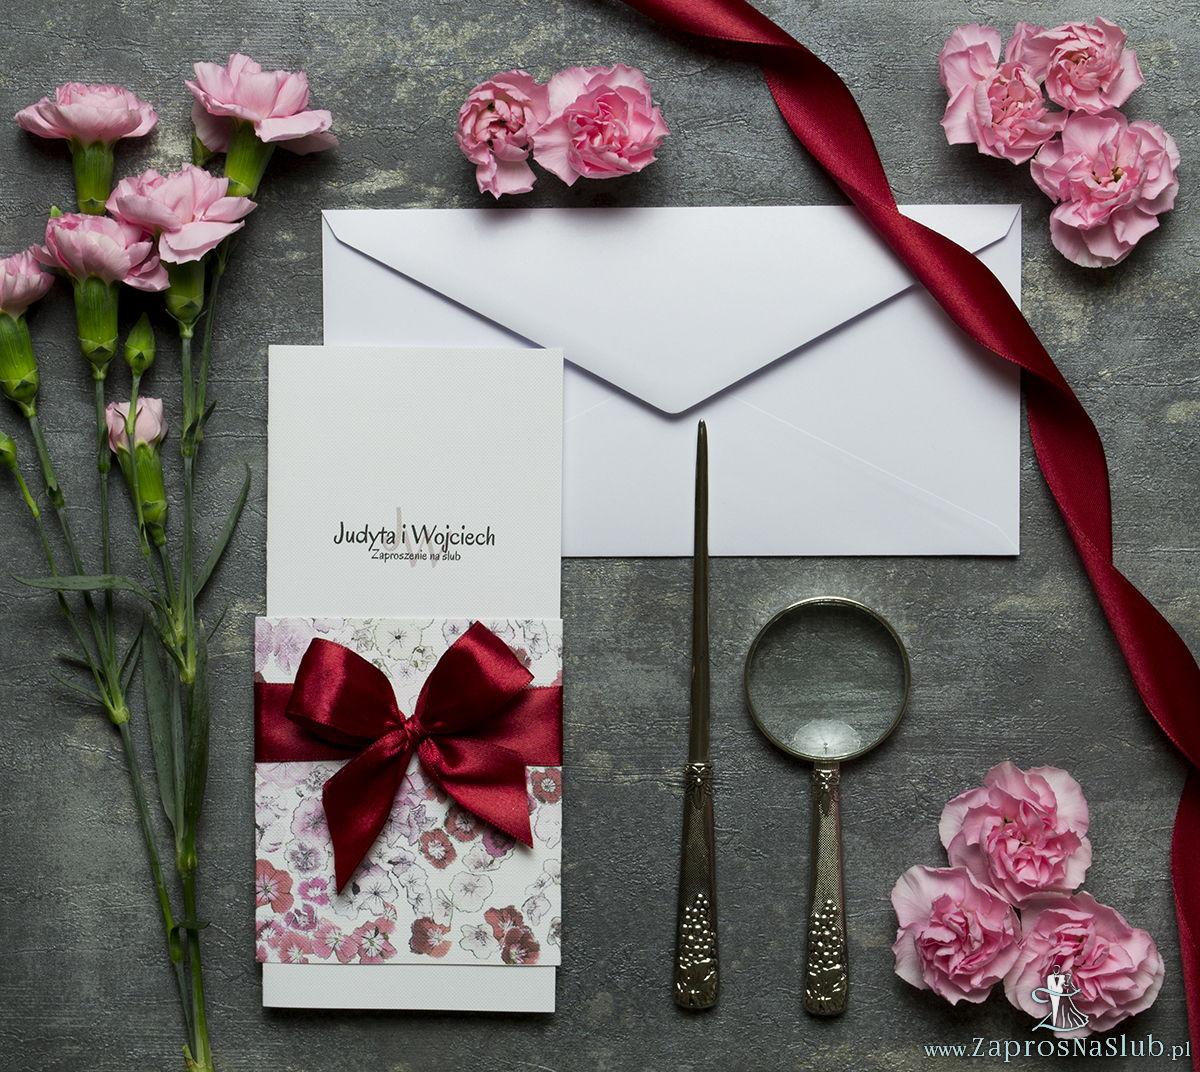 Niebanalne kwiatowe zaproszenia ślubne. Kwiaty - goździki w odcieniach różu, czerwieni i bieli, ciemnoczerwona wstążka i wnętrze wkładane w okładkę. ZAP-90-16